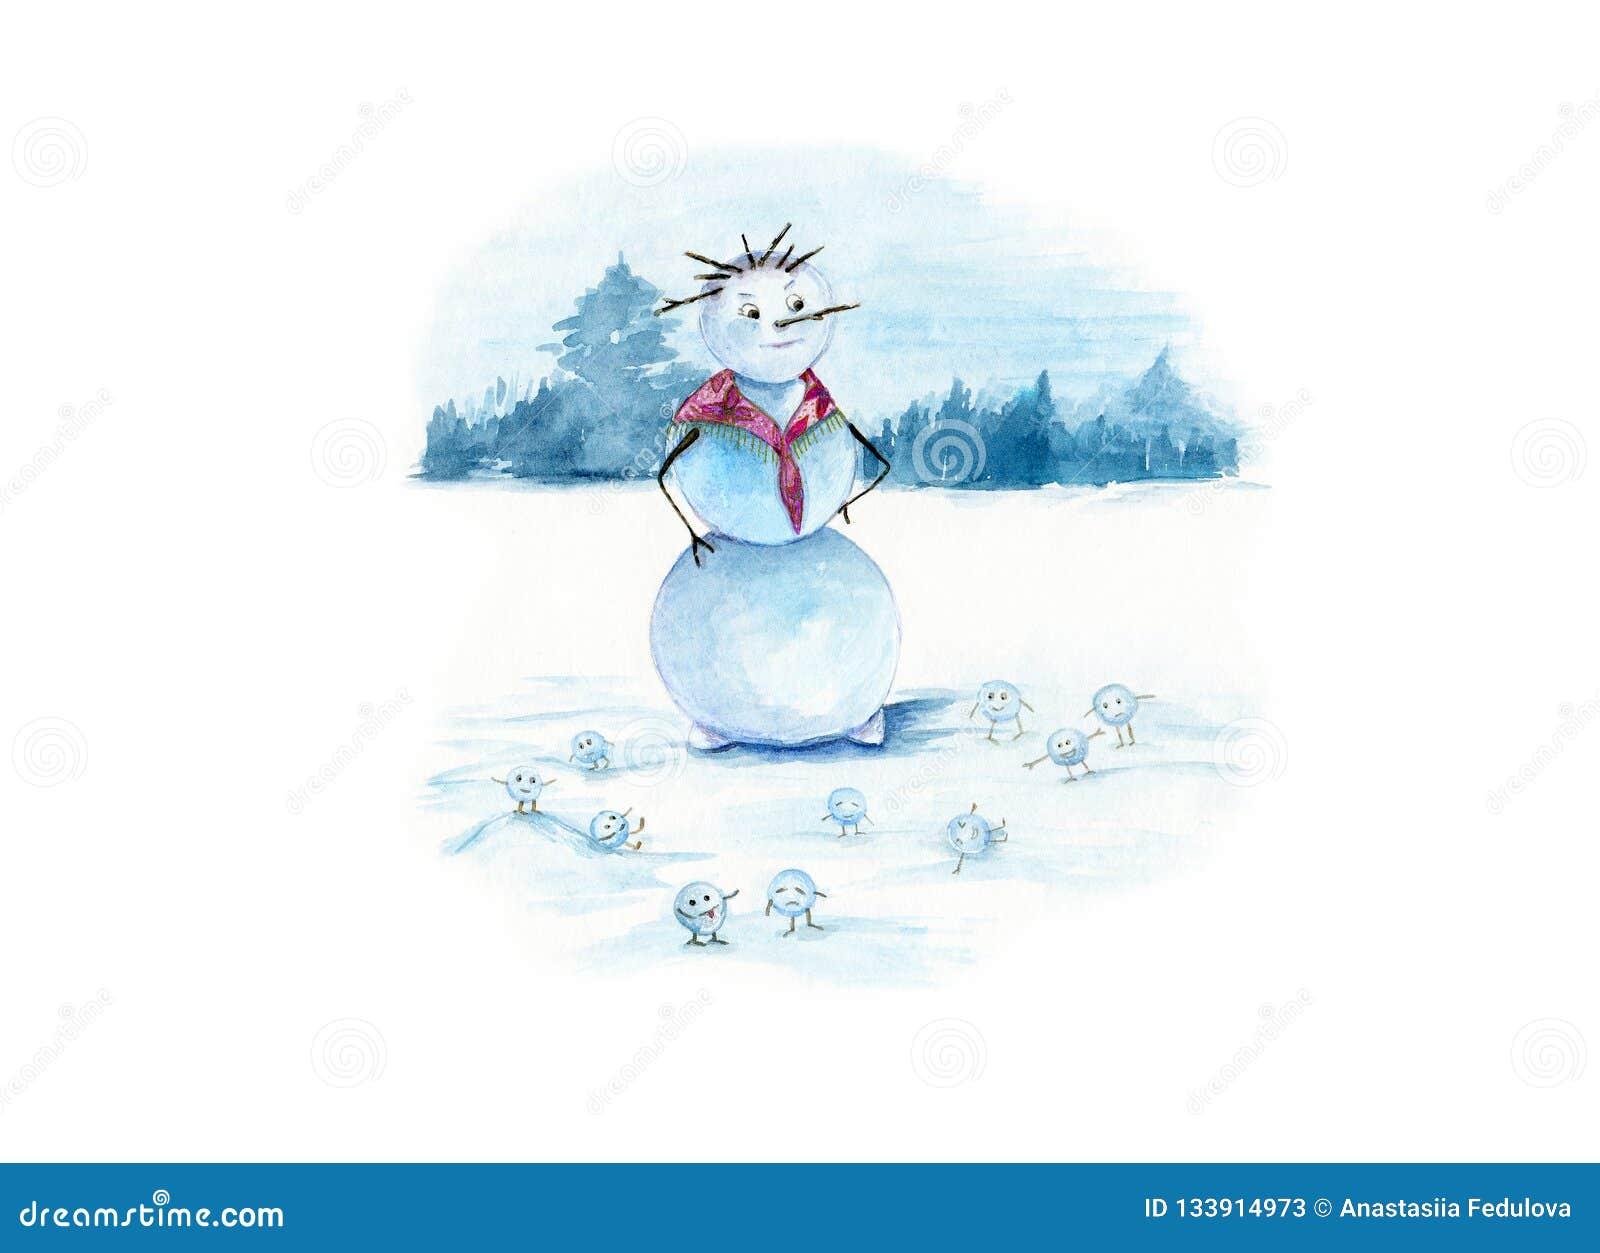 Aquarellillustration eines snowwoman mit vielen kleinen lustigen Schneebällen auf einem weißen schneebedeckten Hintergrund